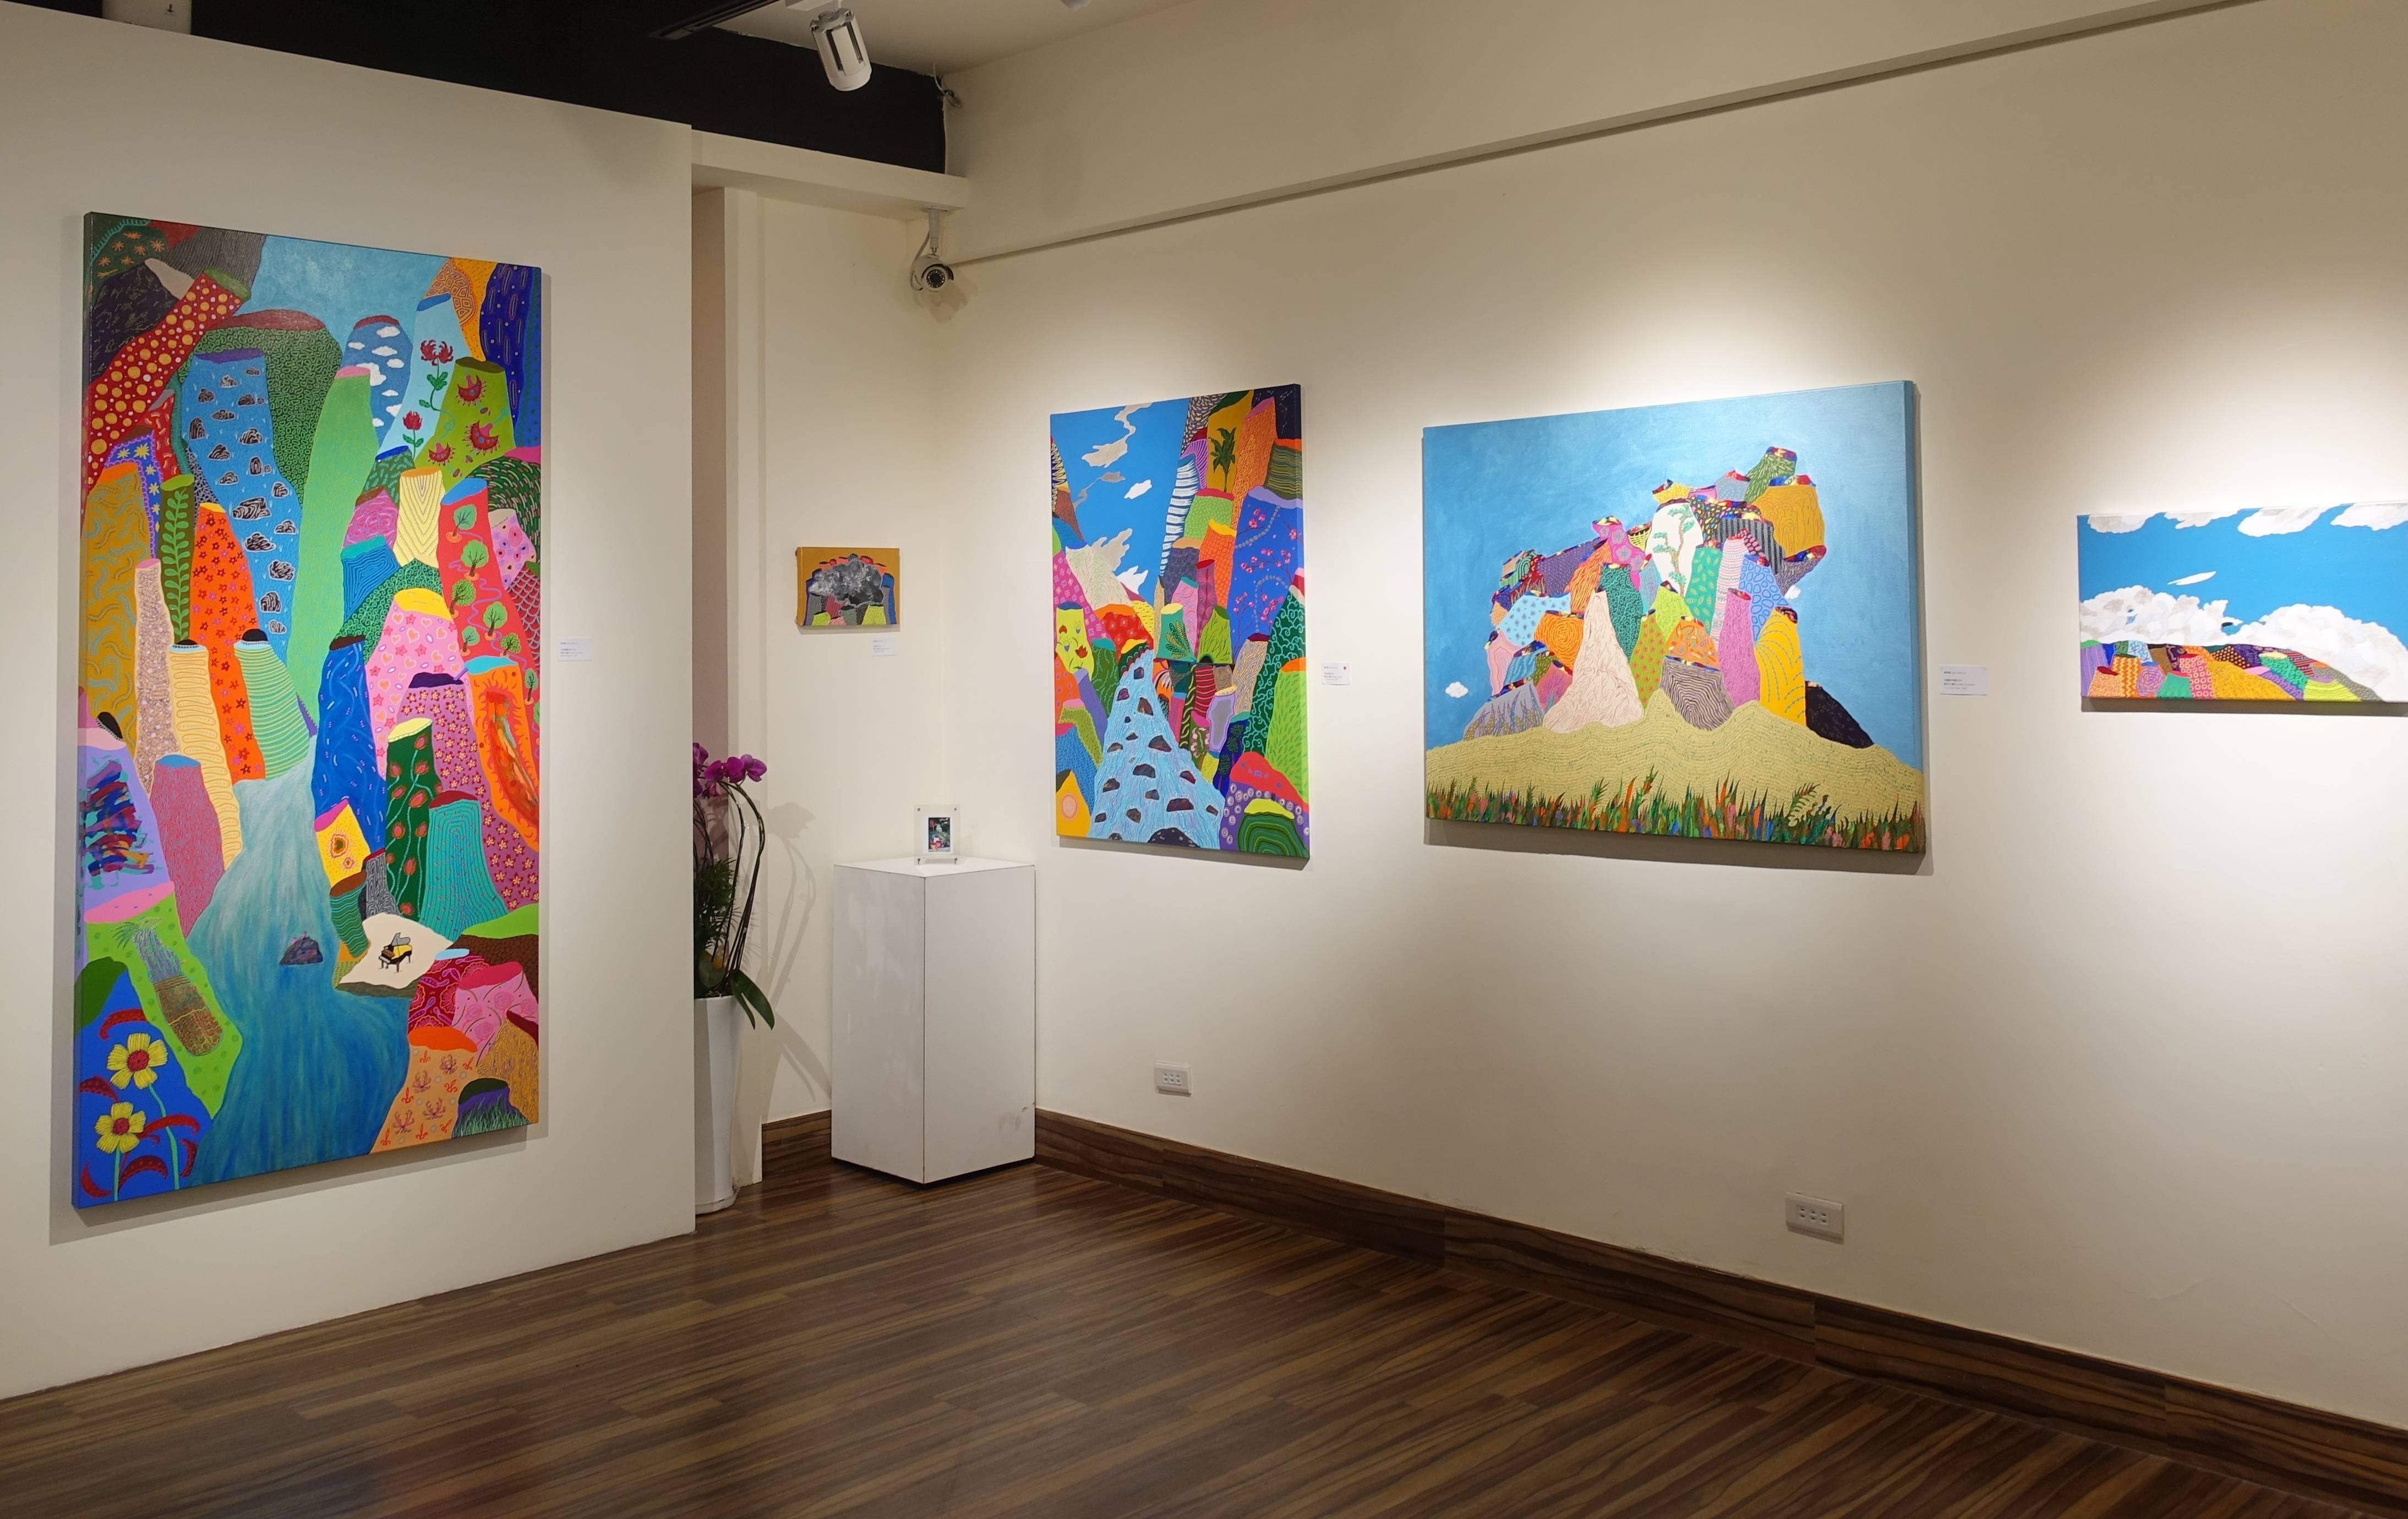 藝星藝術中心《旅途中的優雅景緻 - 盧俊翰創作個展》展覽現場。